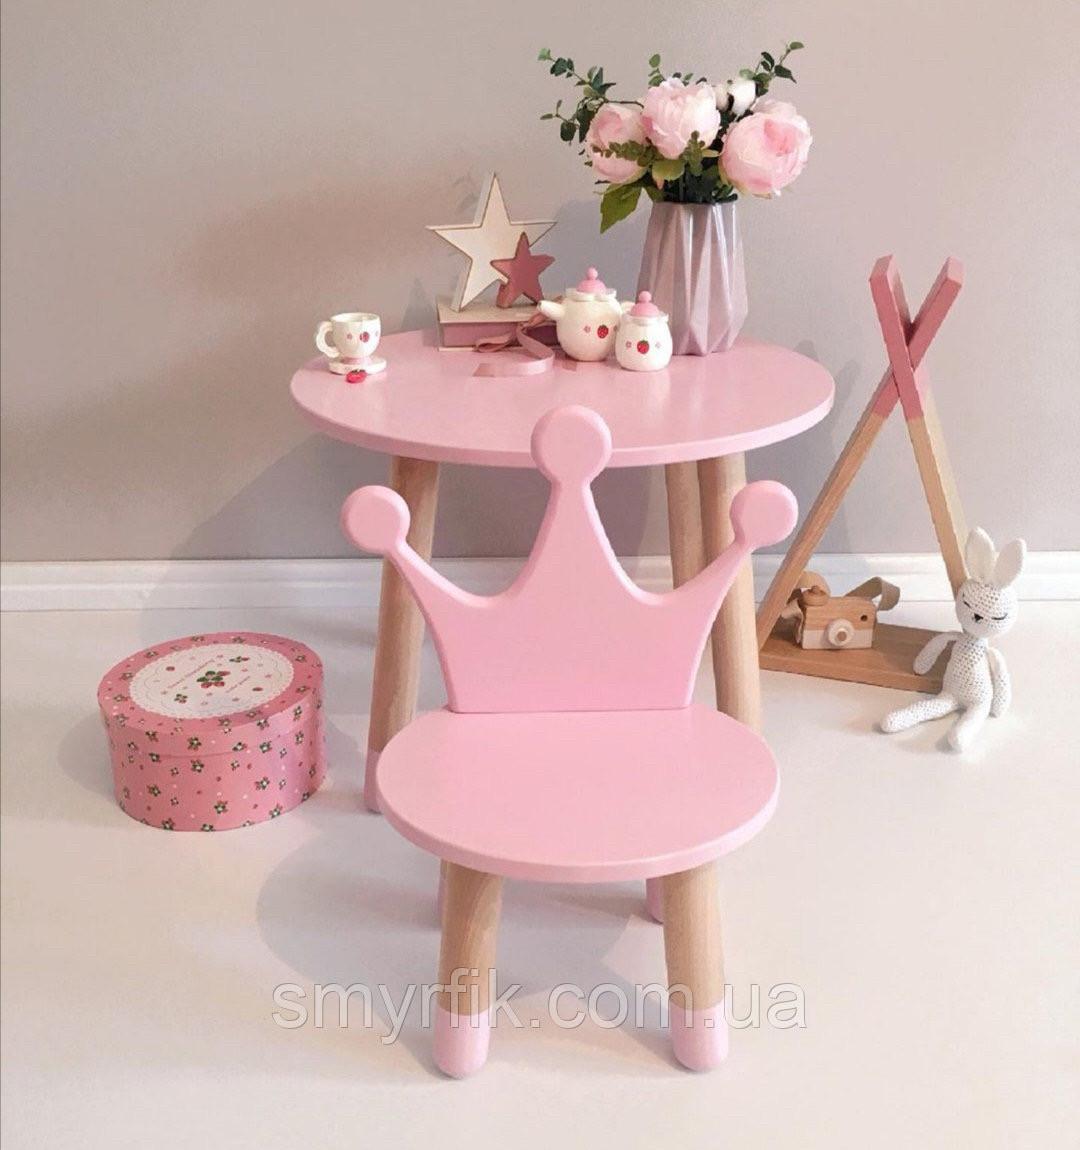 Дитячий стіл, 1 стілець (дерев'яний стільчик корона і столик)